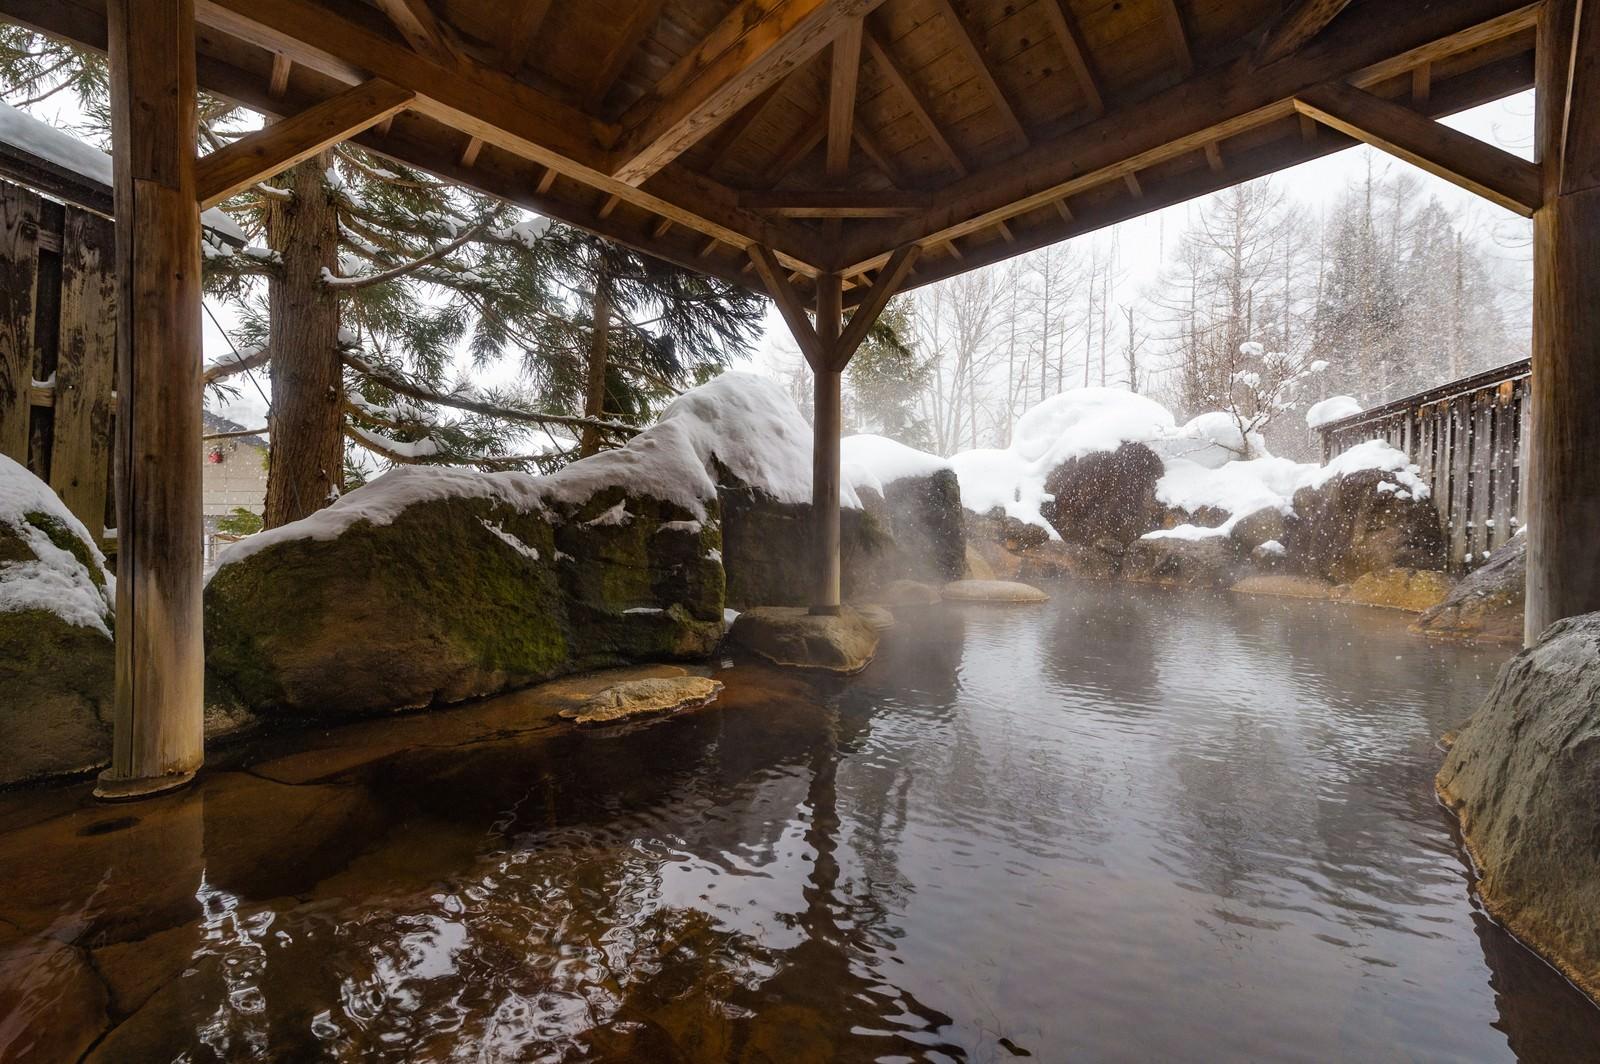 「雪が積もる露天風呂(平湯プリンスホテル)」の写真[モデル:茜さや]